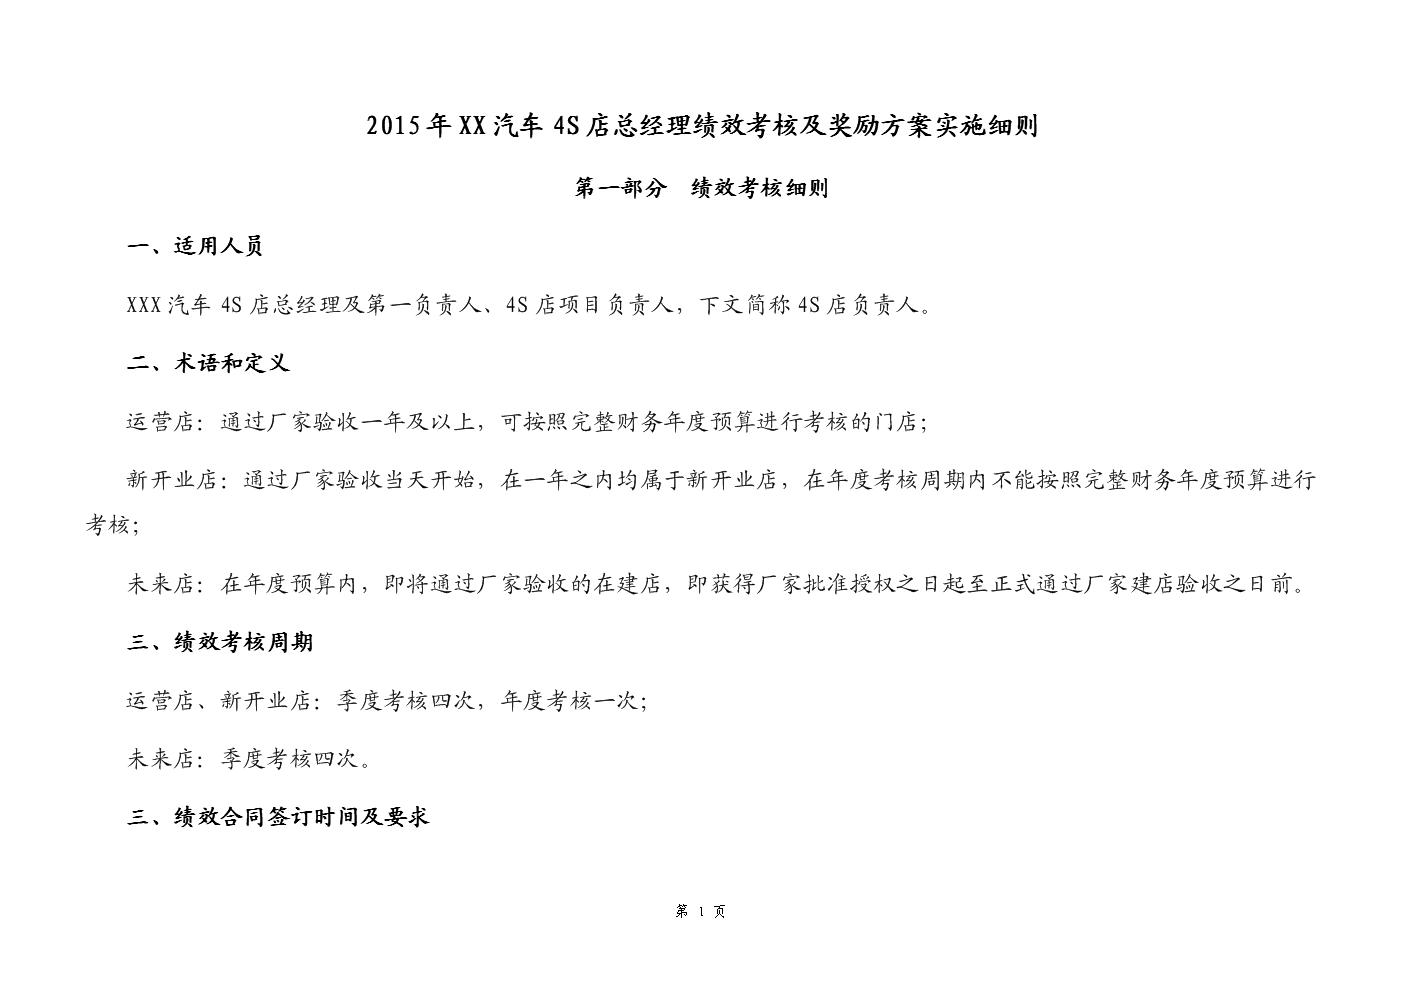 绩效考核实施计划_2015年XX汽车4S店总经理绩效考核及奖励方案实施细则.docx